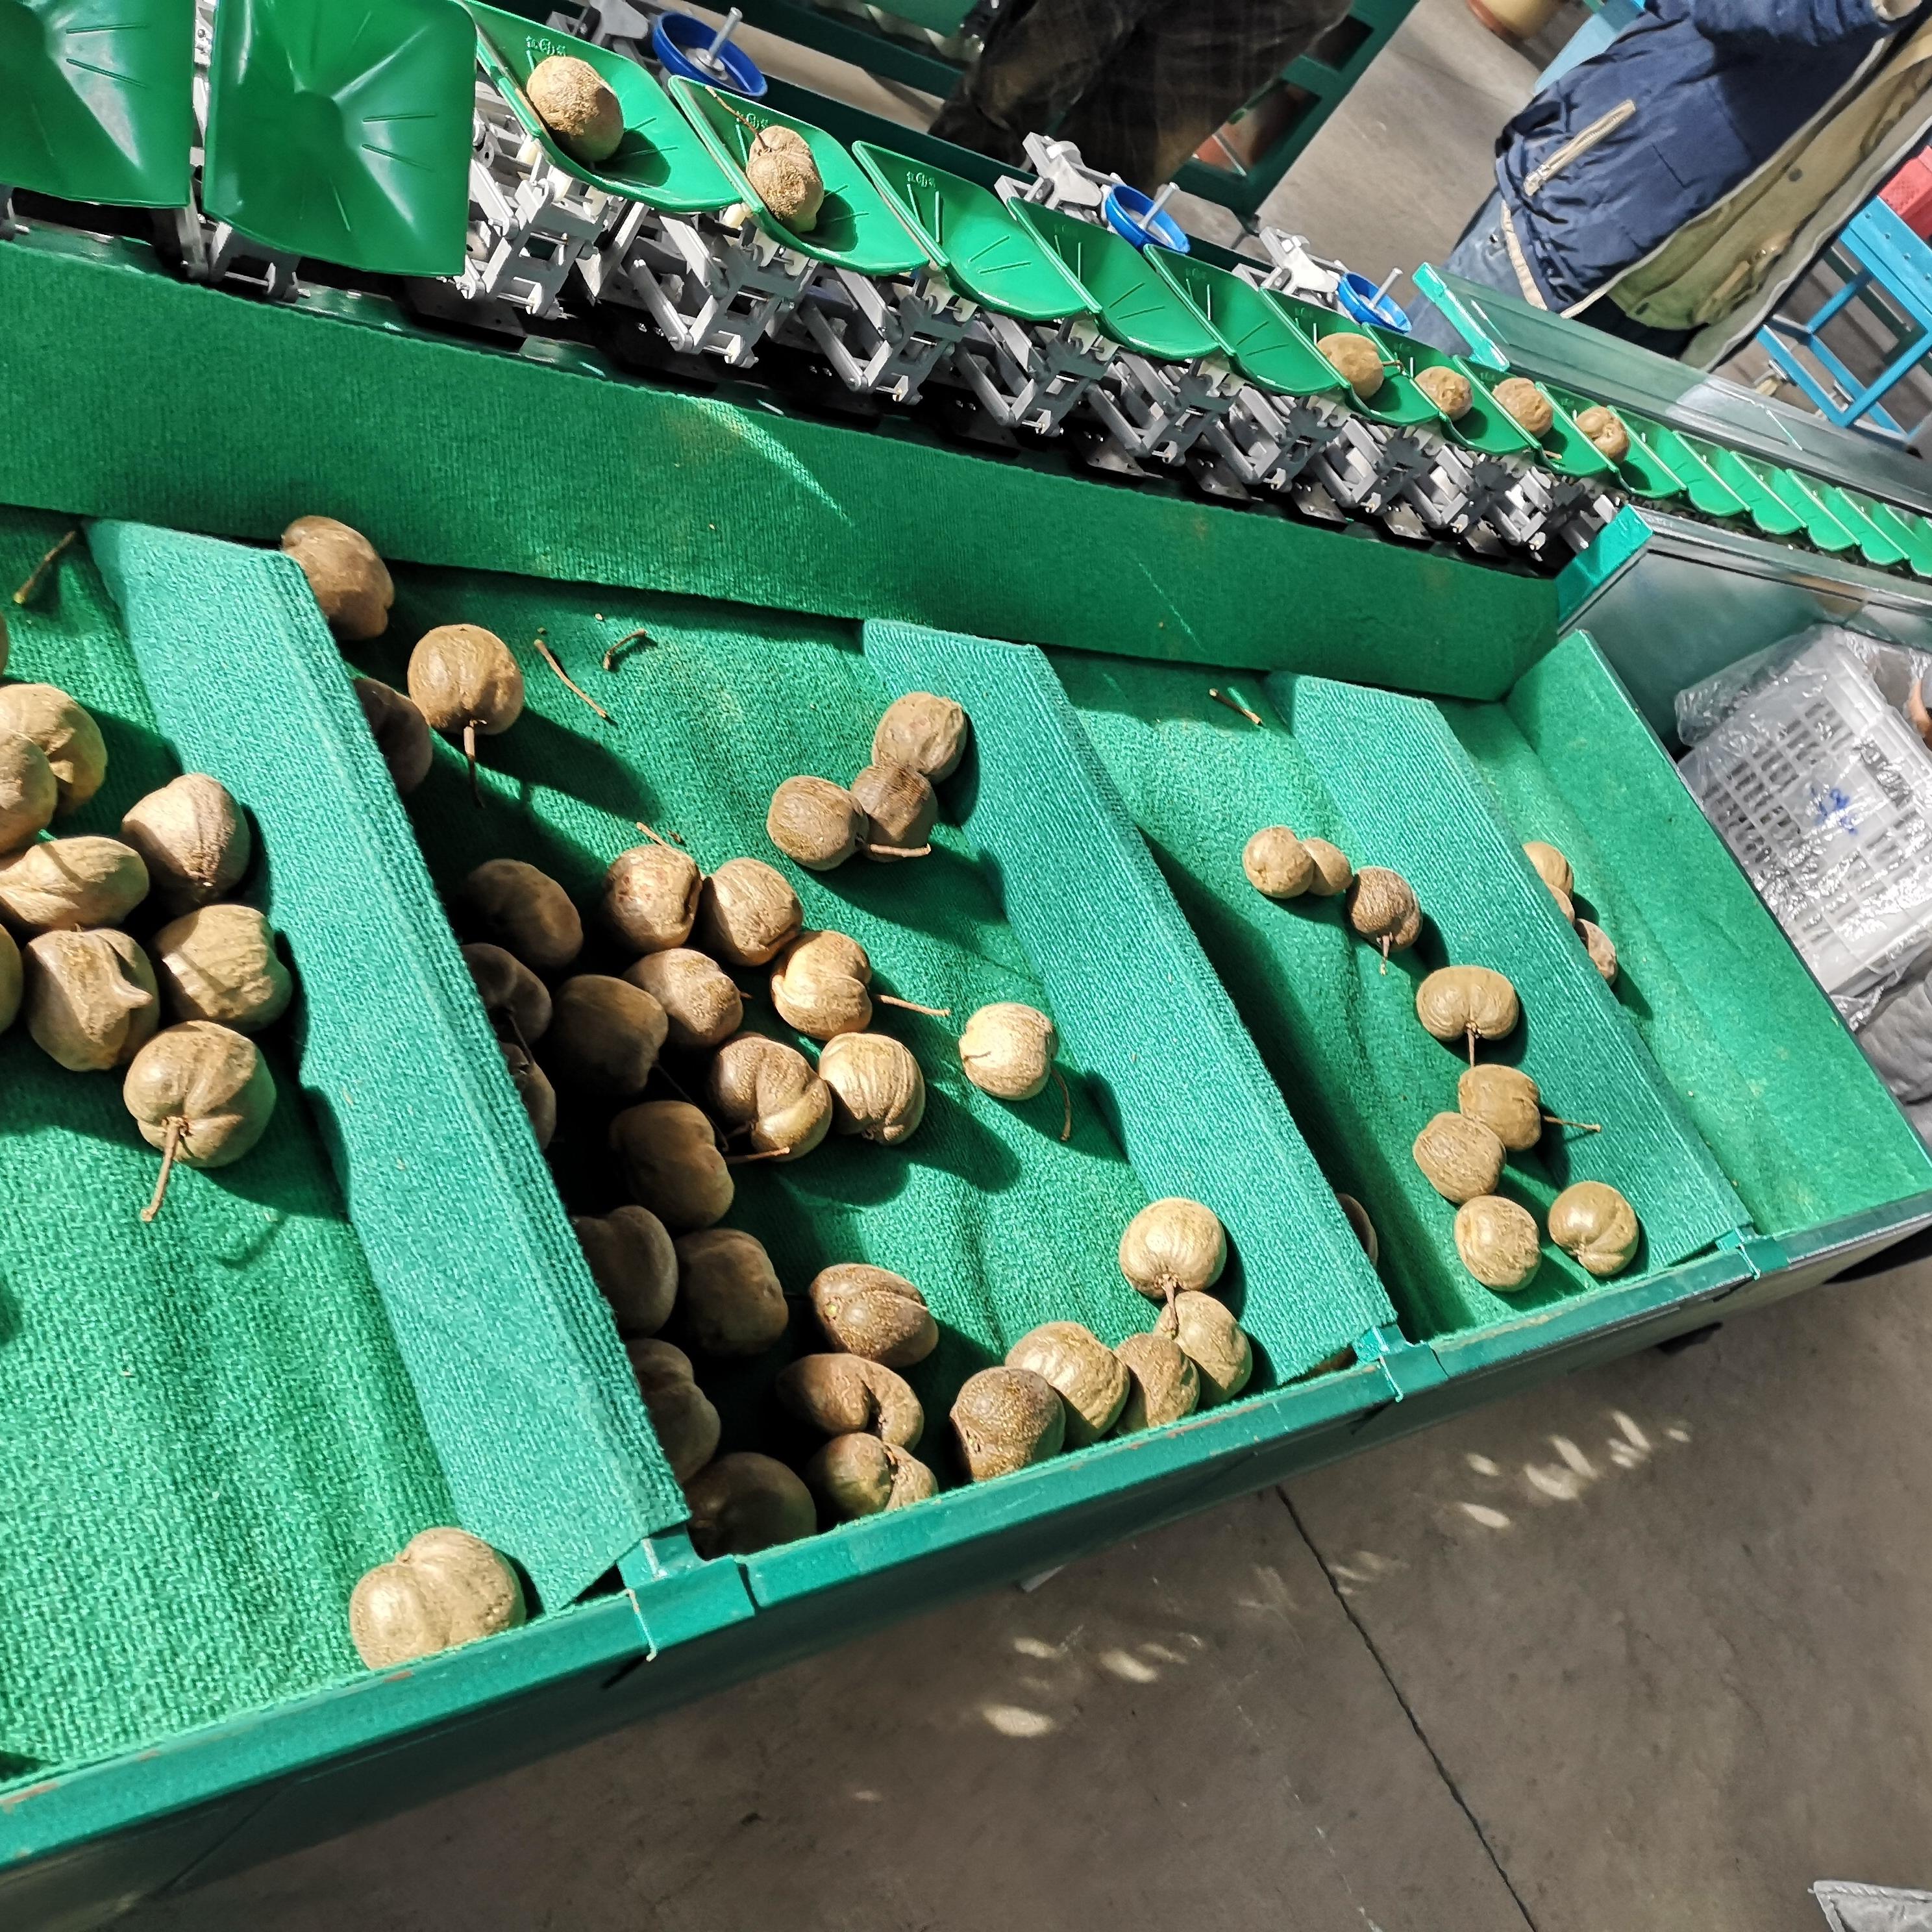 猕猴桃分选机 果蔬分级机 南阳有卖的么